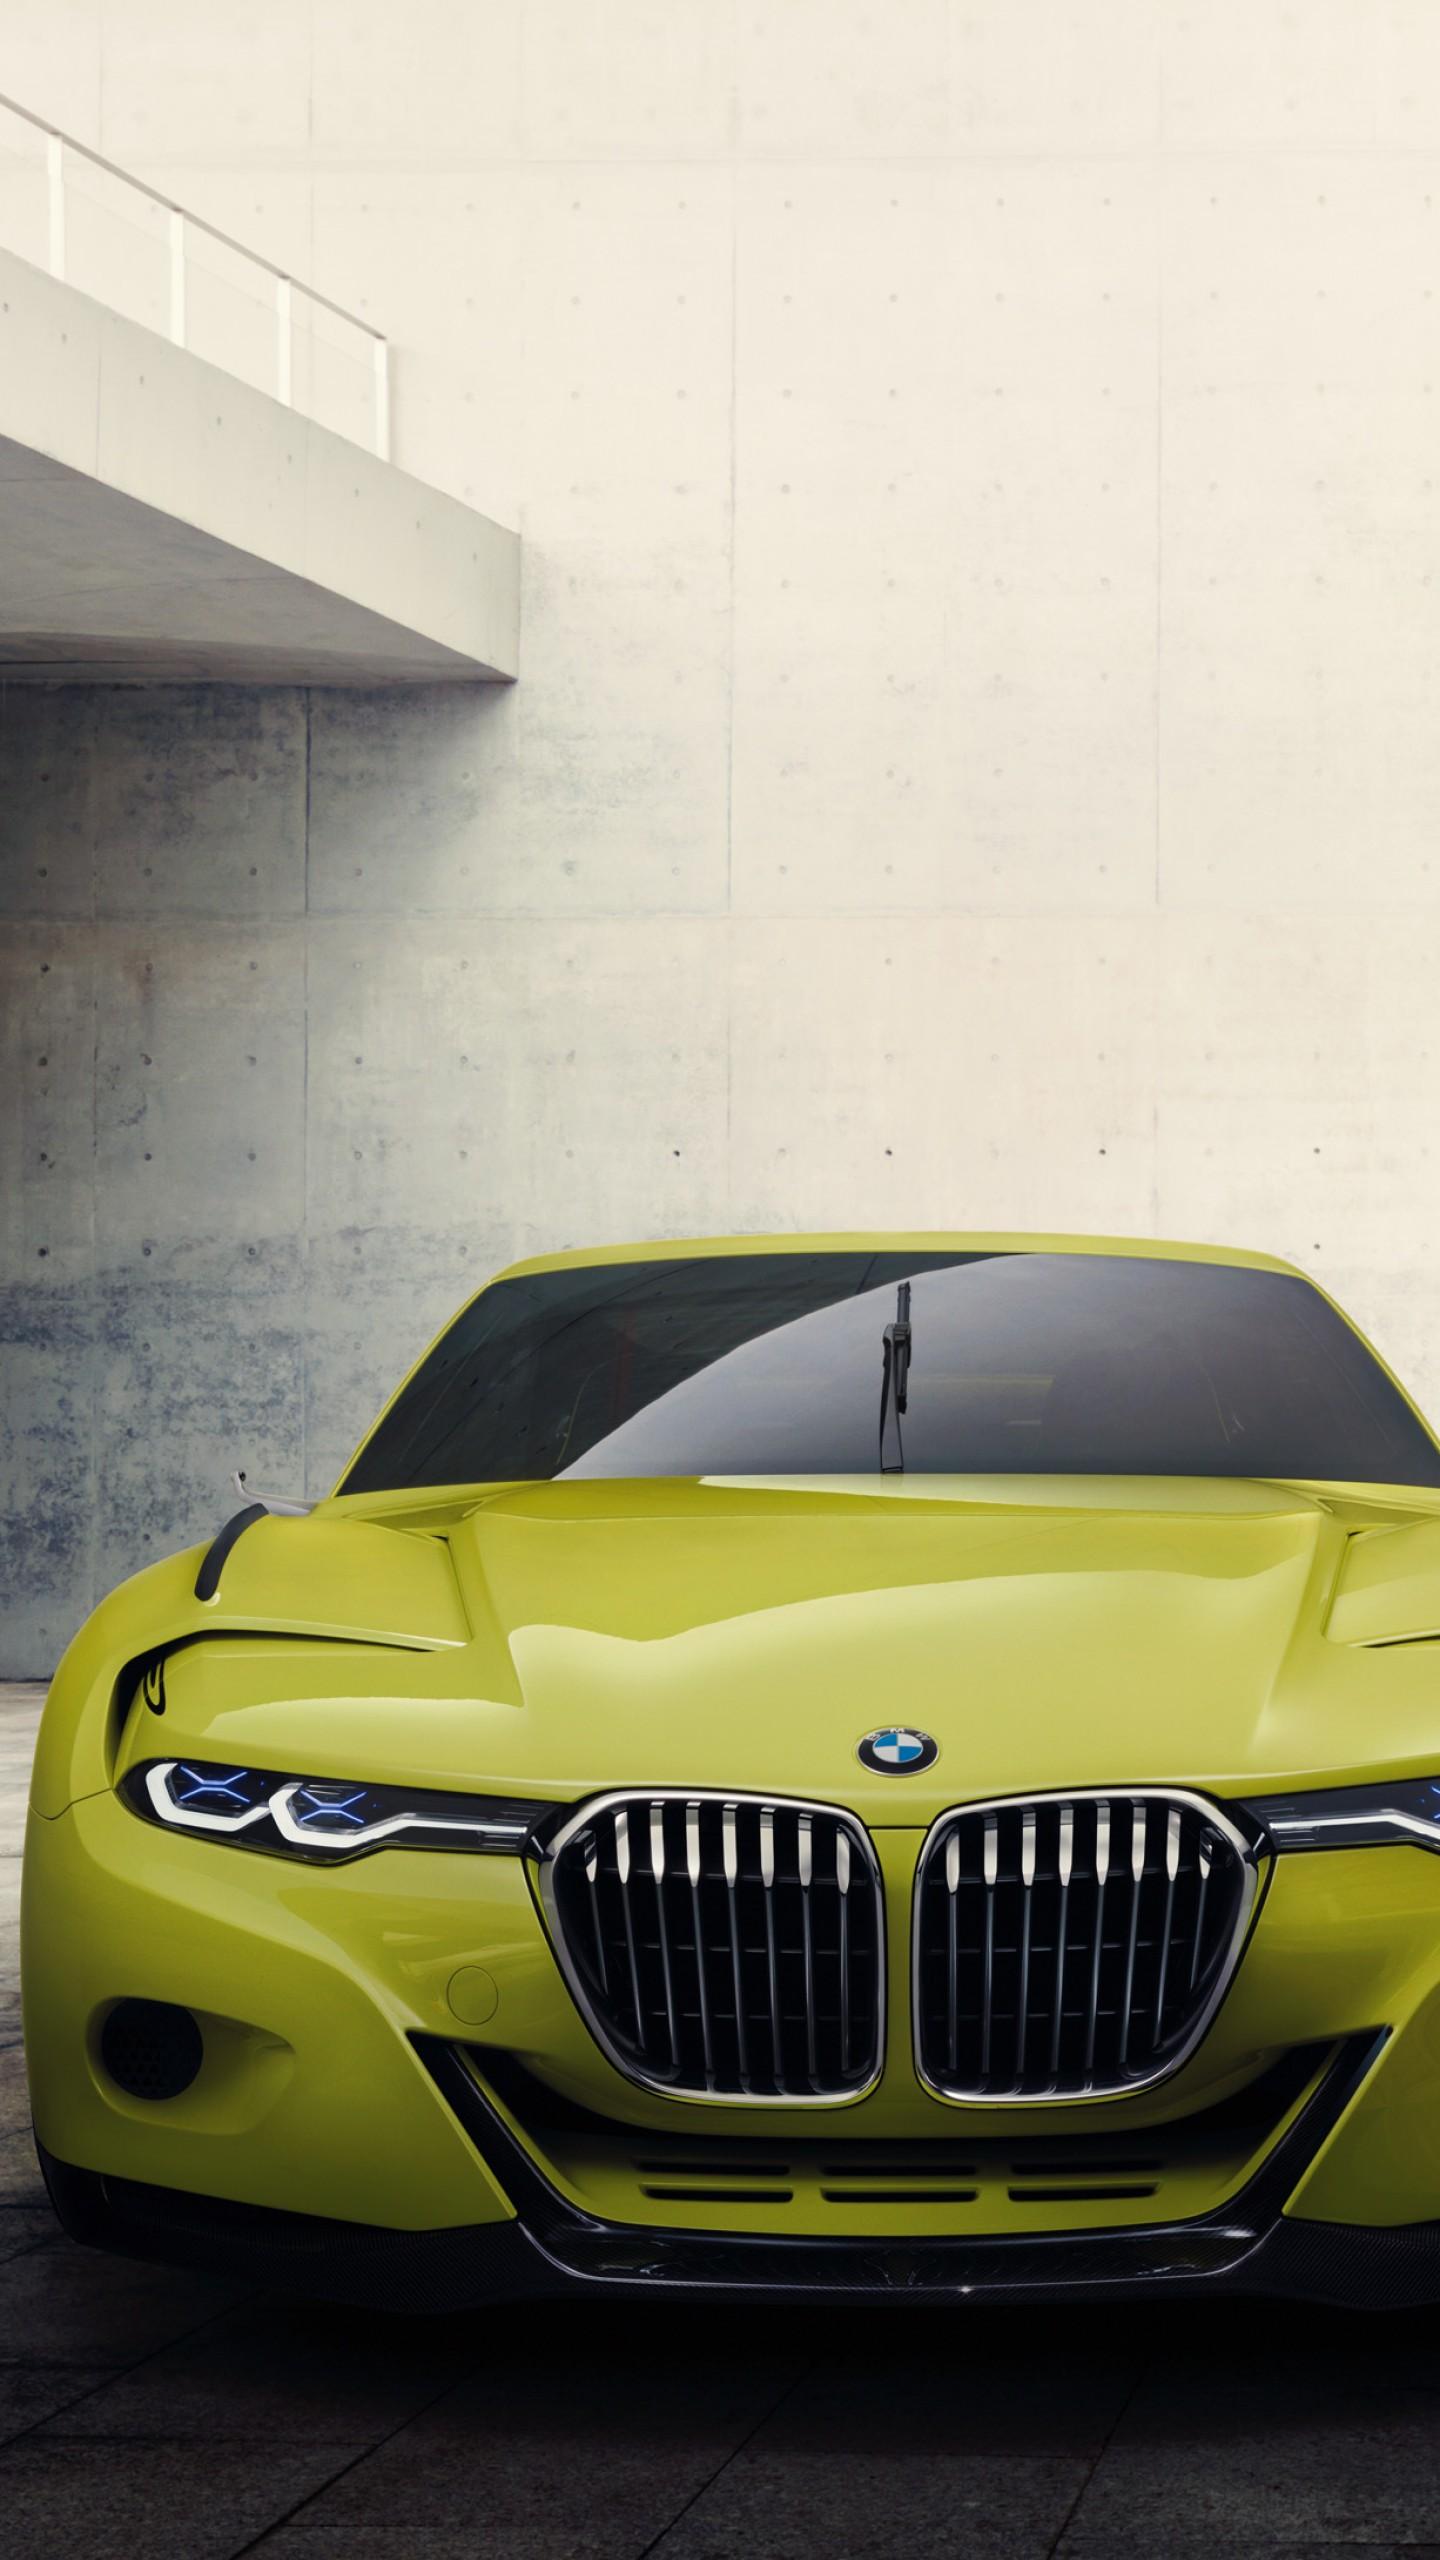 Bmw Blue Cars Wallpapers Wallpaper Bmw 3 0 Csl Yellow Sports Car Bmw Xdrive